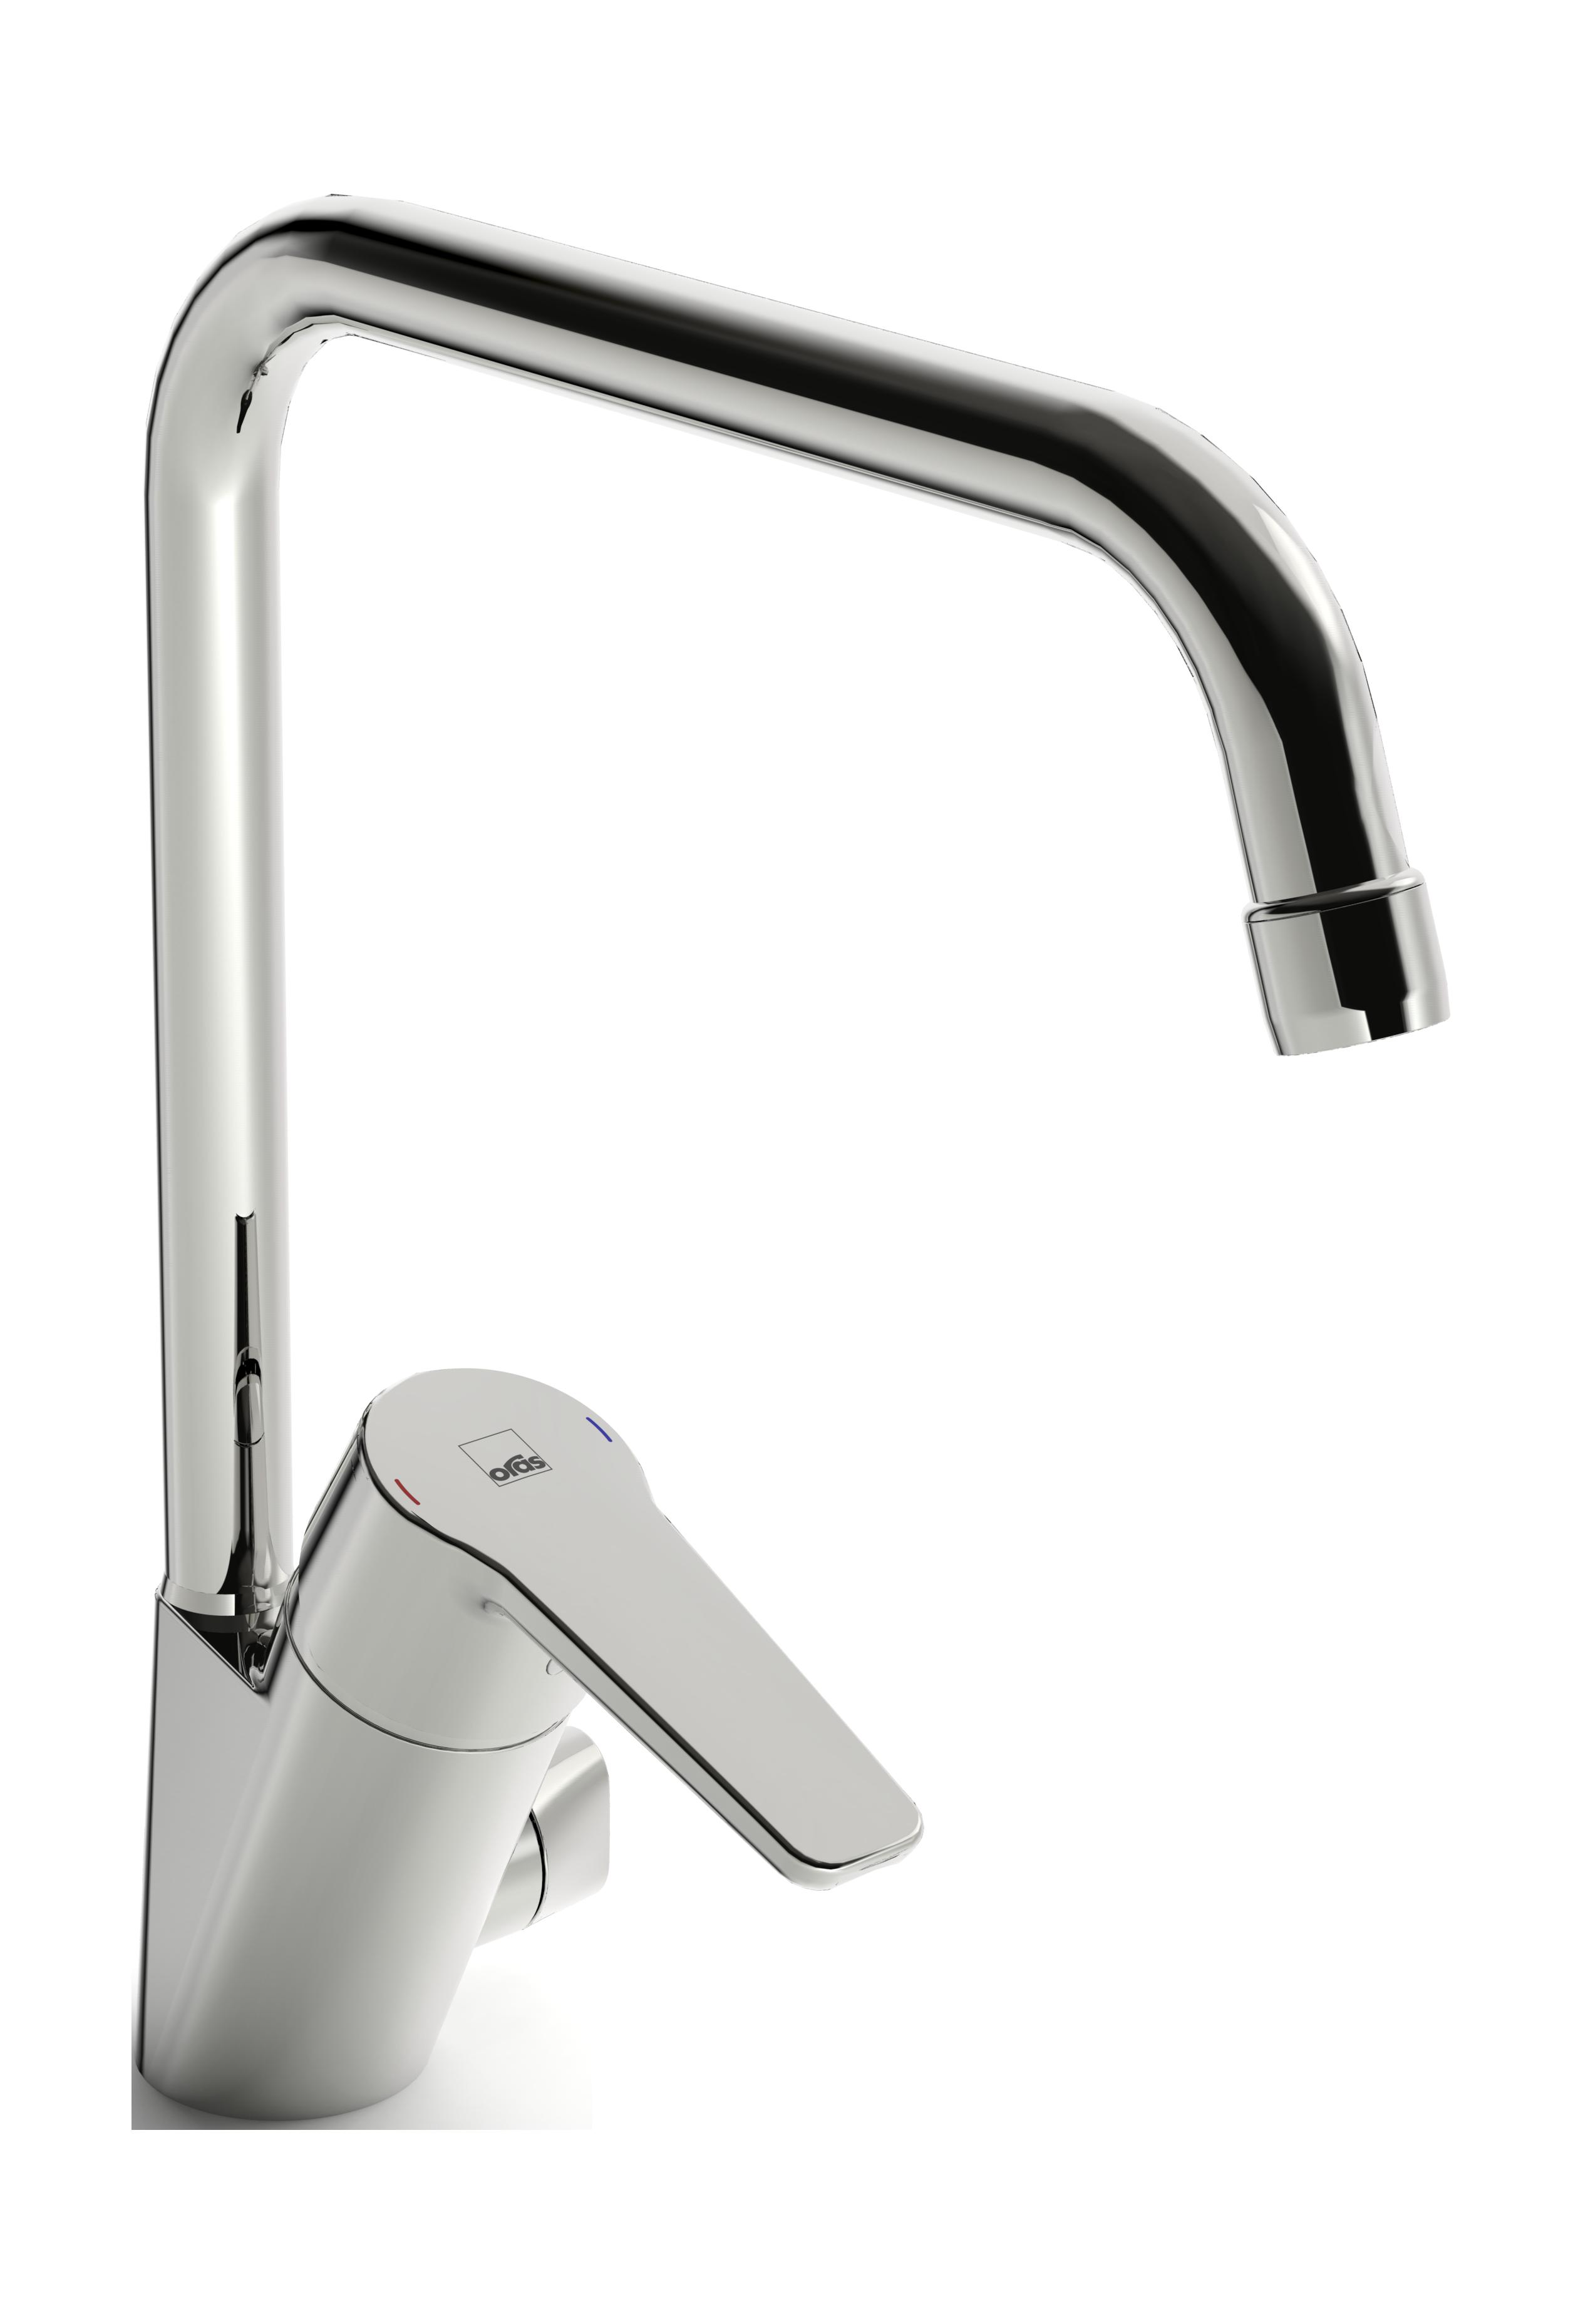 Oras saga bath and. Faucet clipart water valve